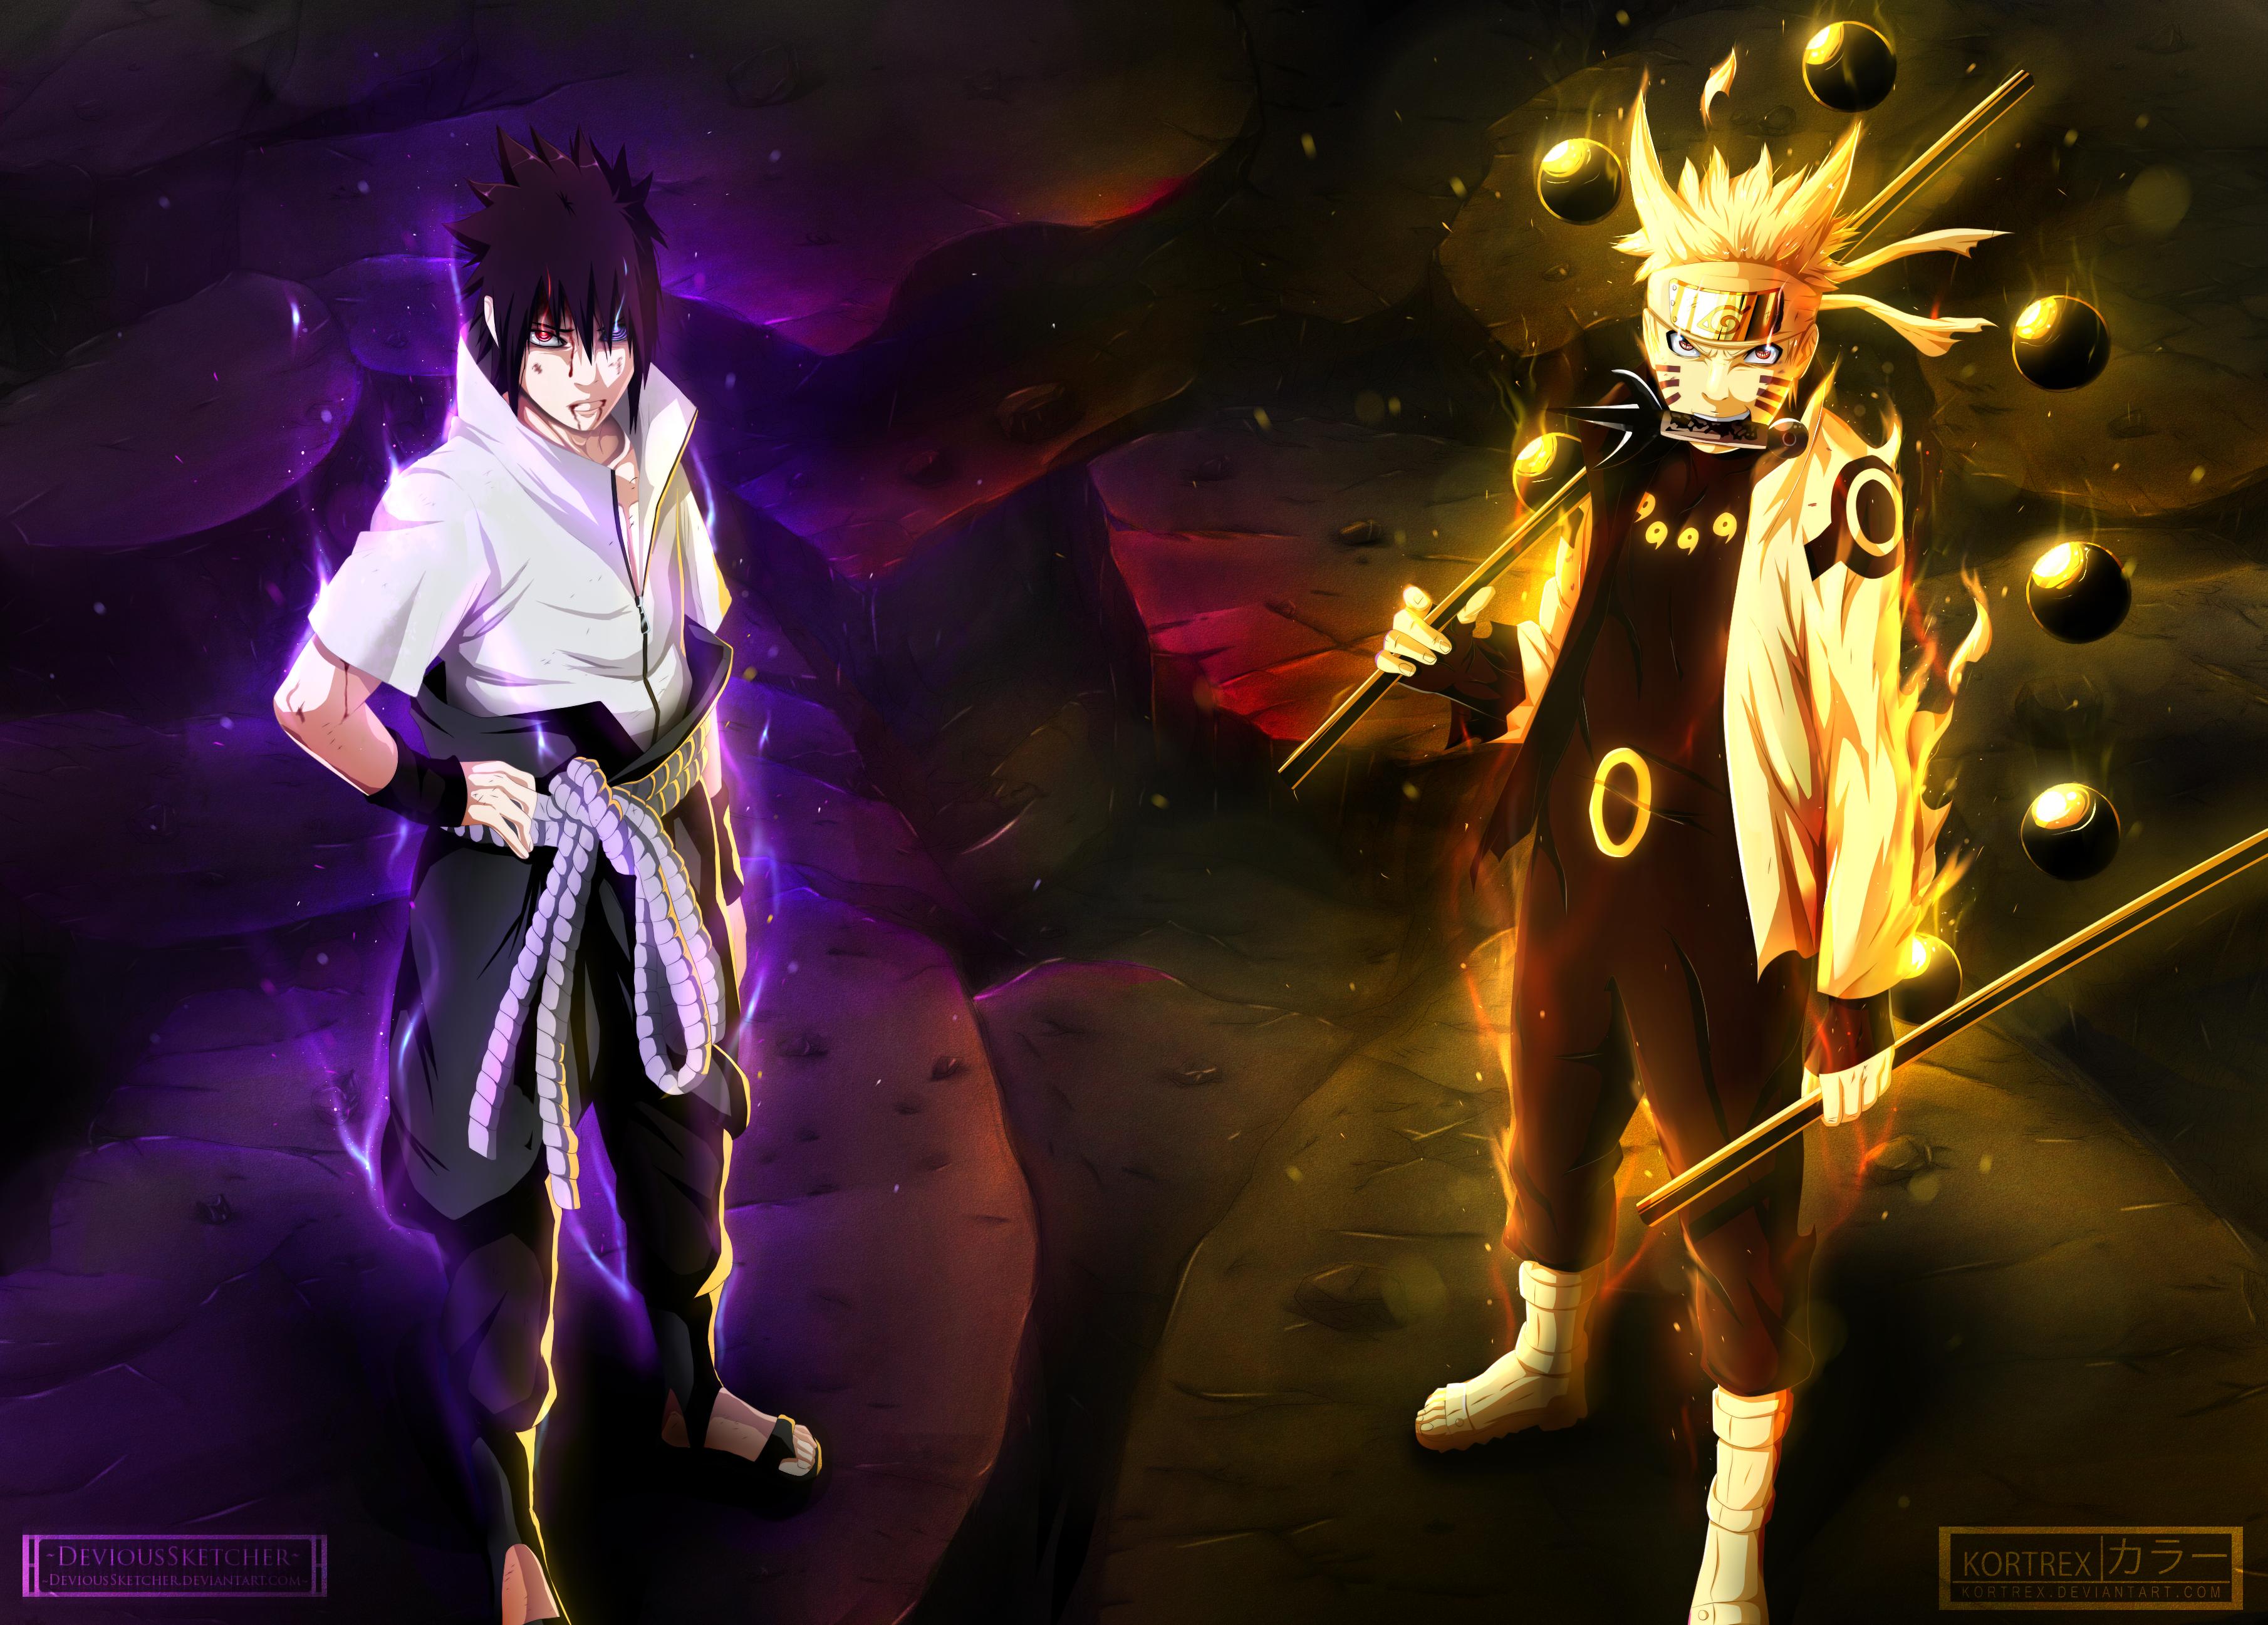 Naruto Naruto Uzumaki Sasuke Uchiha 3620x2594